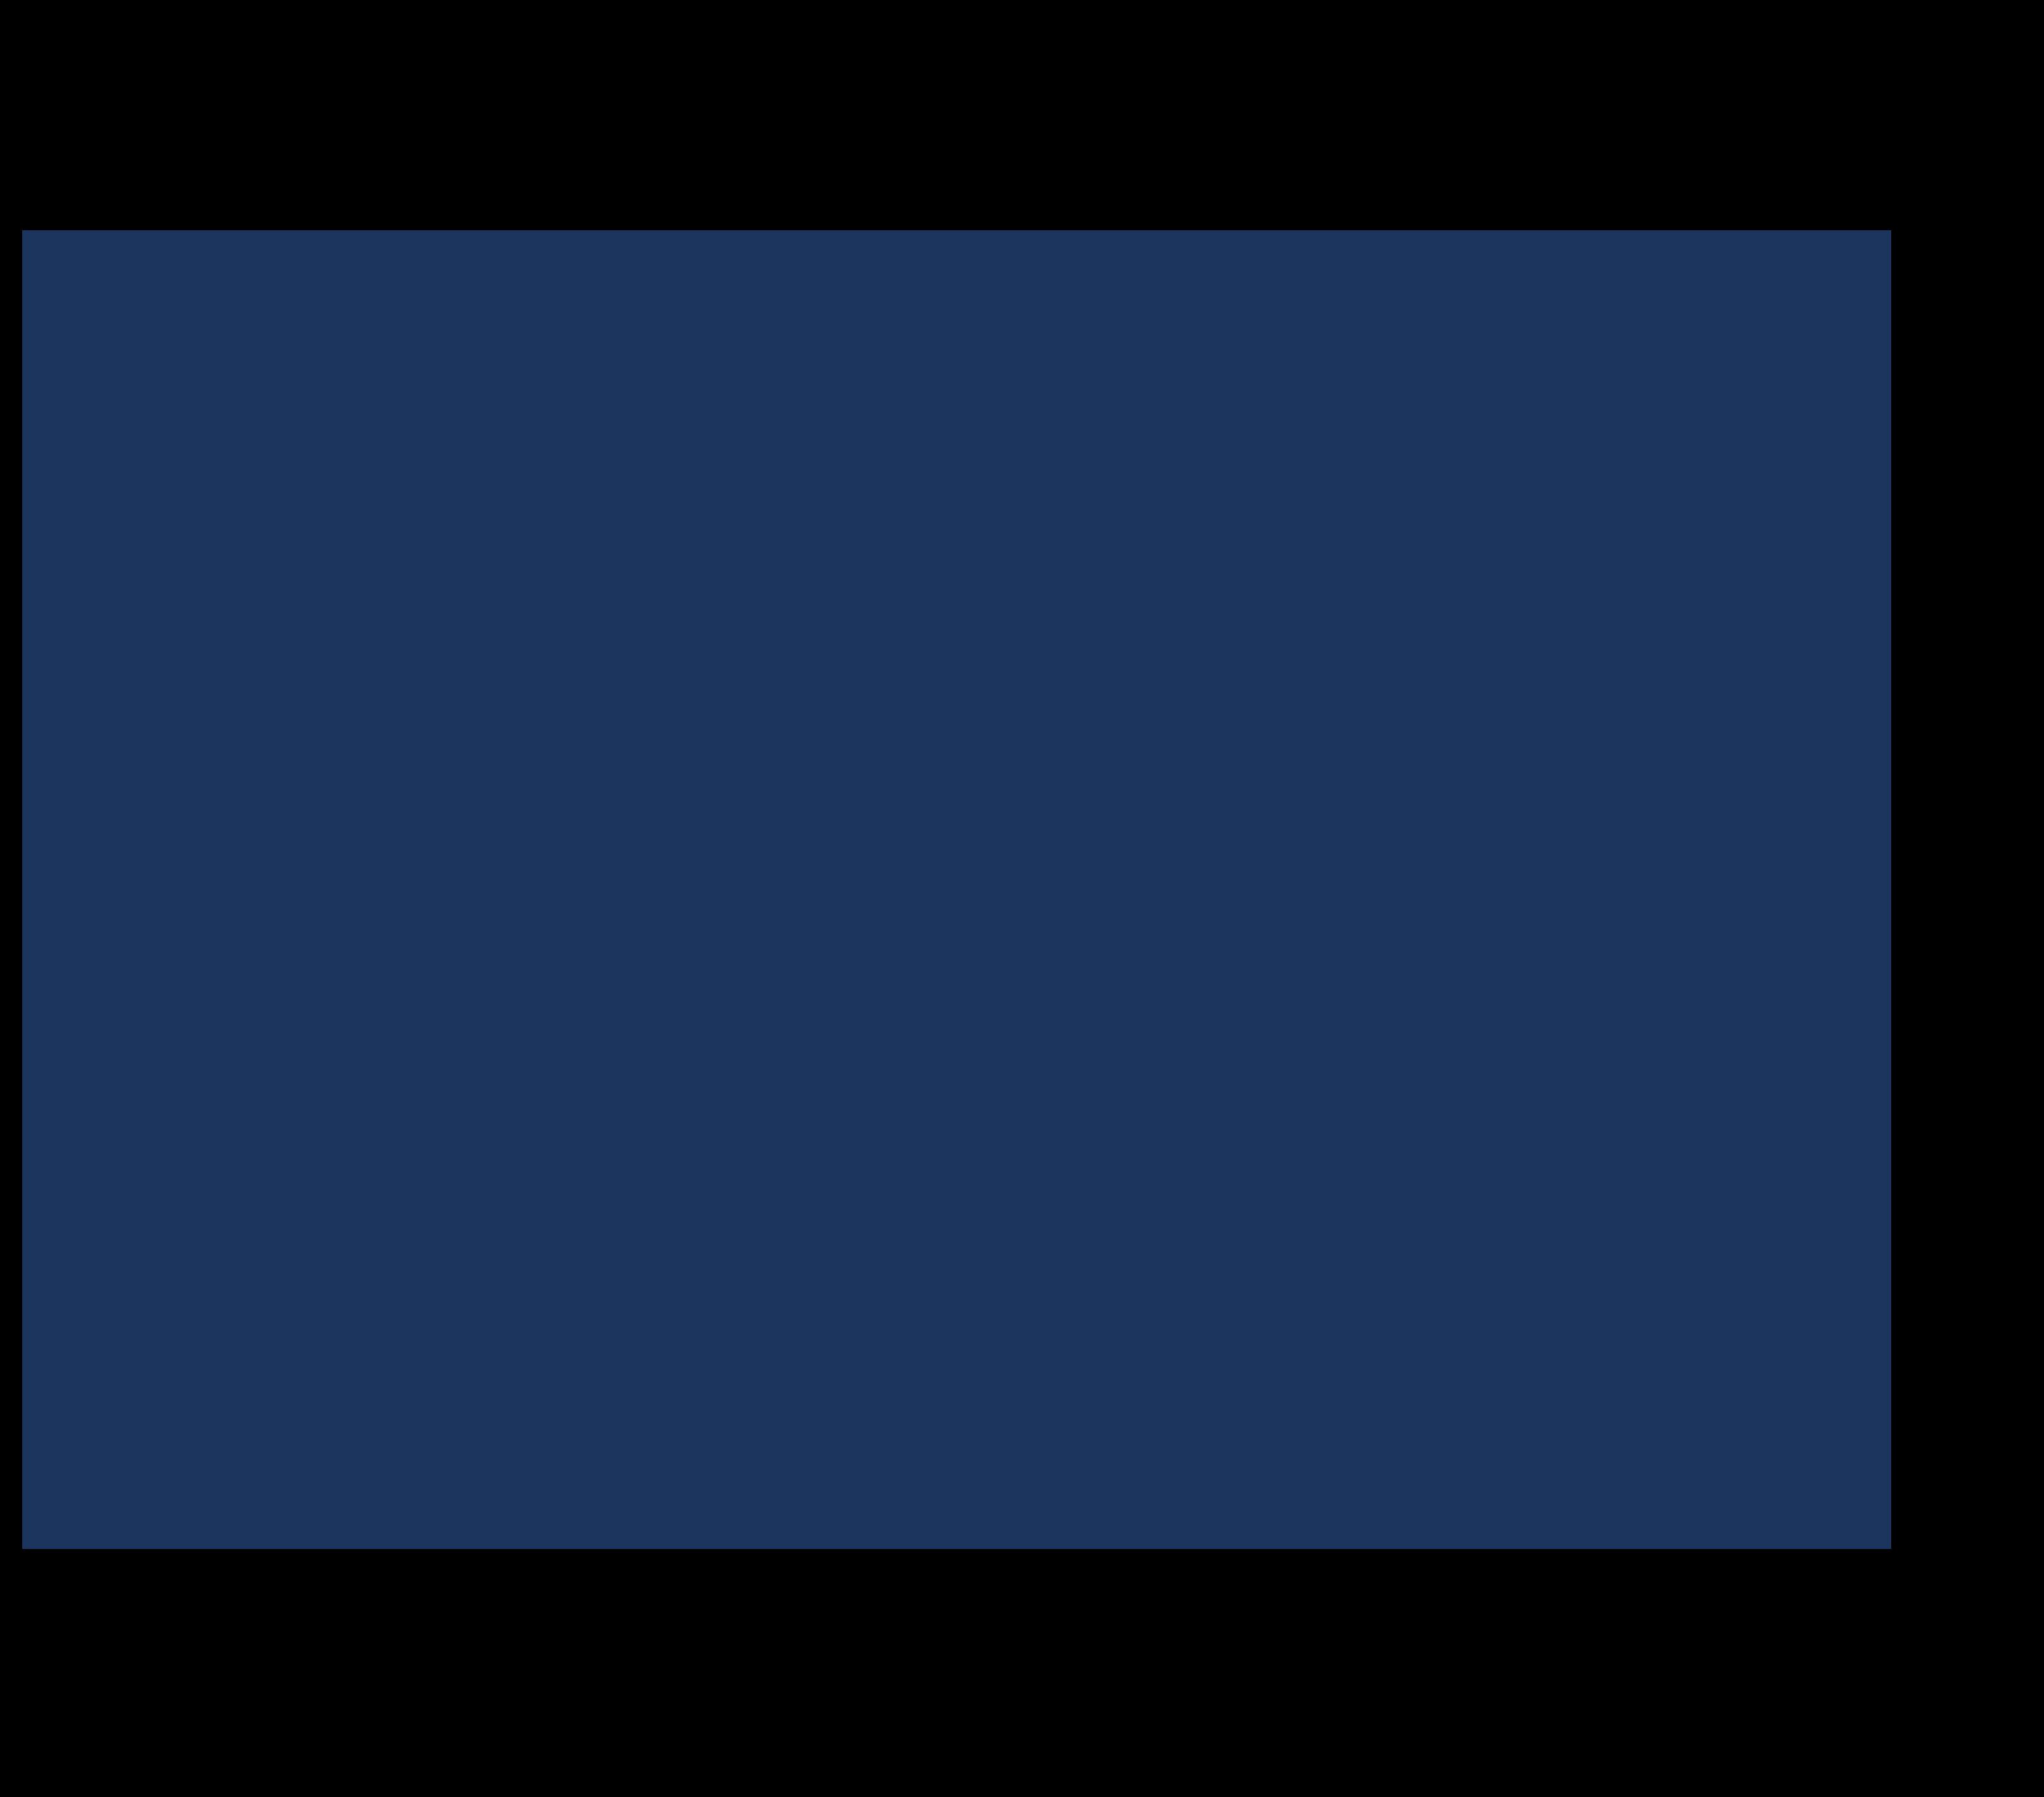 IBM Maximo EAM procurement management